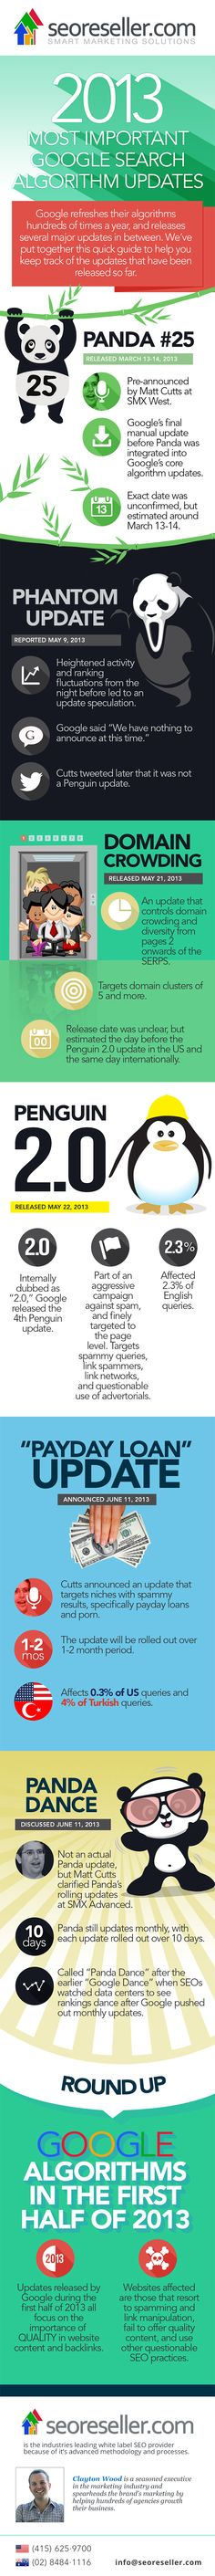 Actualizaciones algoritmo de Google 2013, infografía (pineado por @mariatejero)